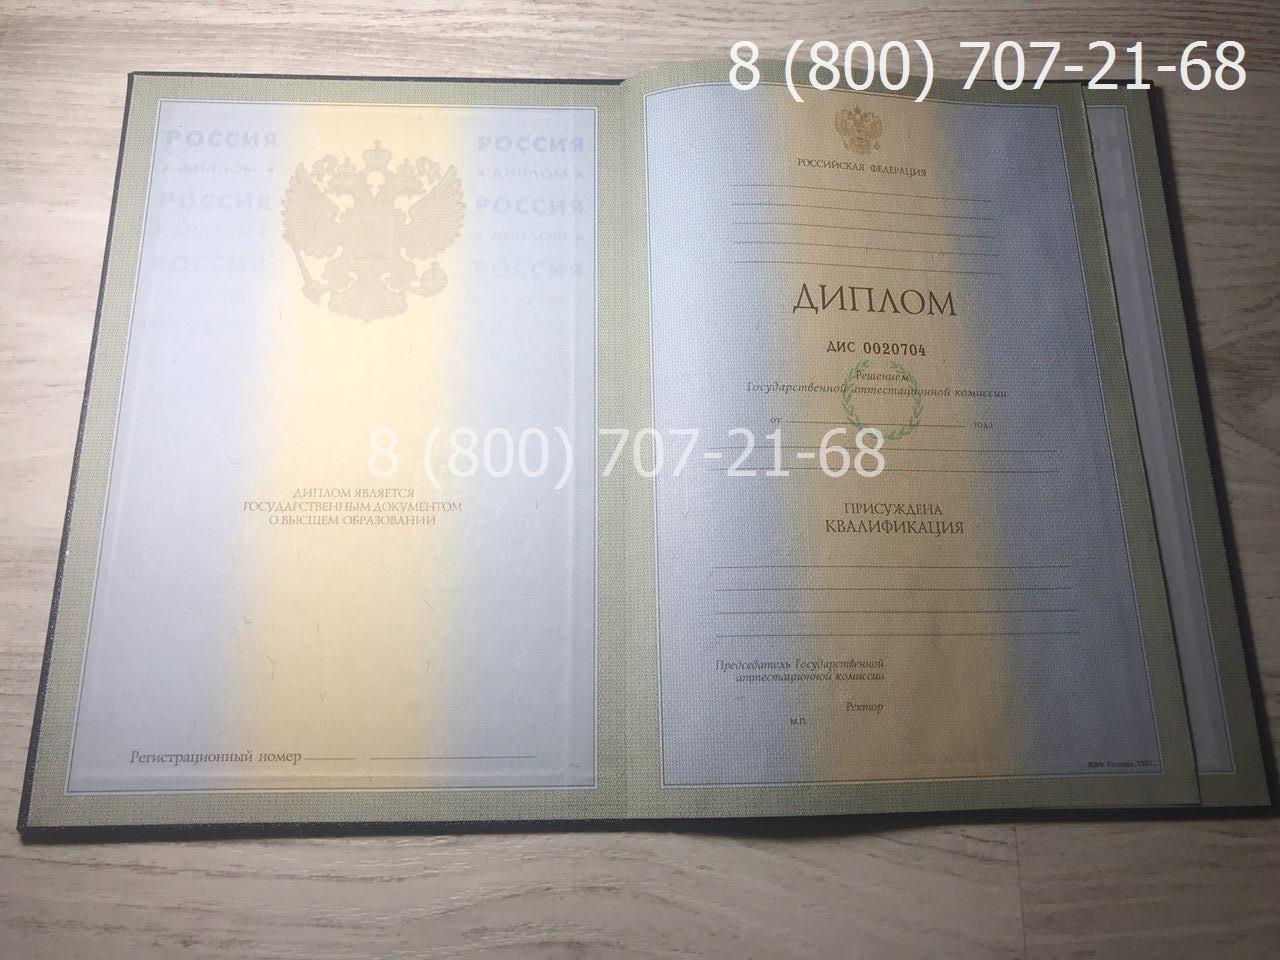 Диплом бакалавра 1997-2003 года фото 1